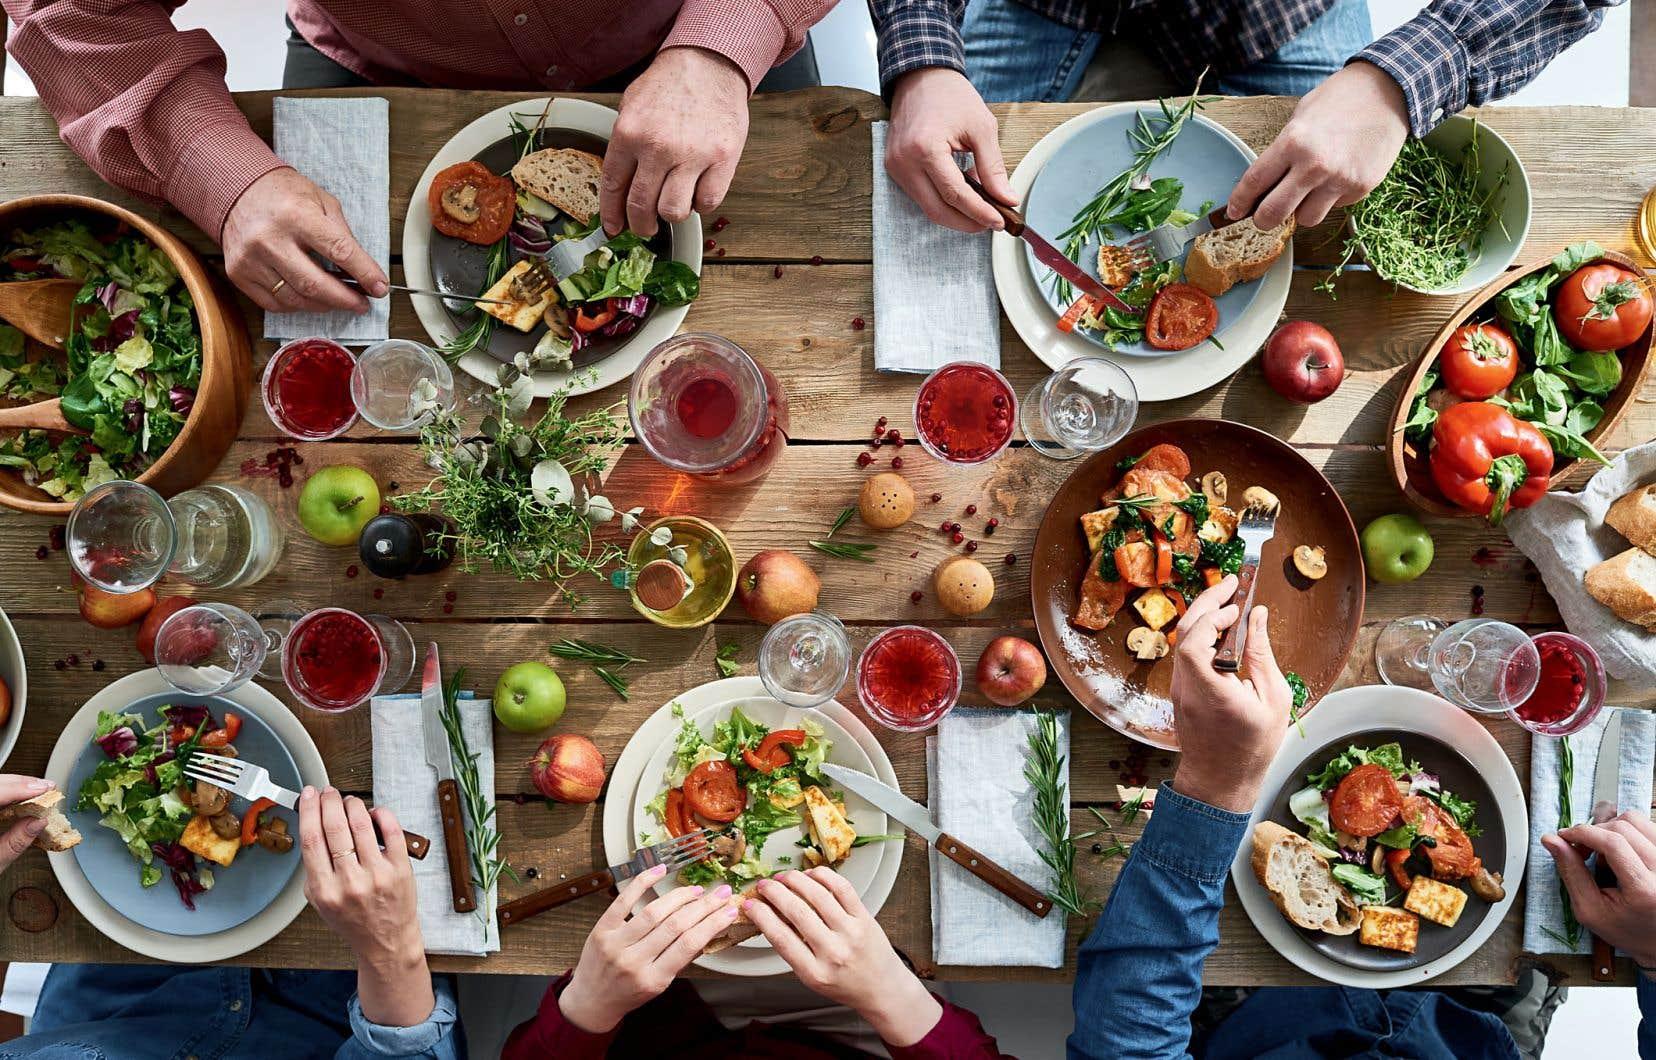 La nutritionniste Catherine Lefebvre souligne que tout ce qui est végétalien ou sans gluten n'est pas forcément santé.